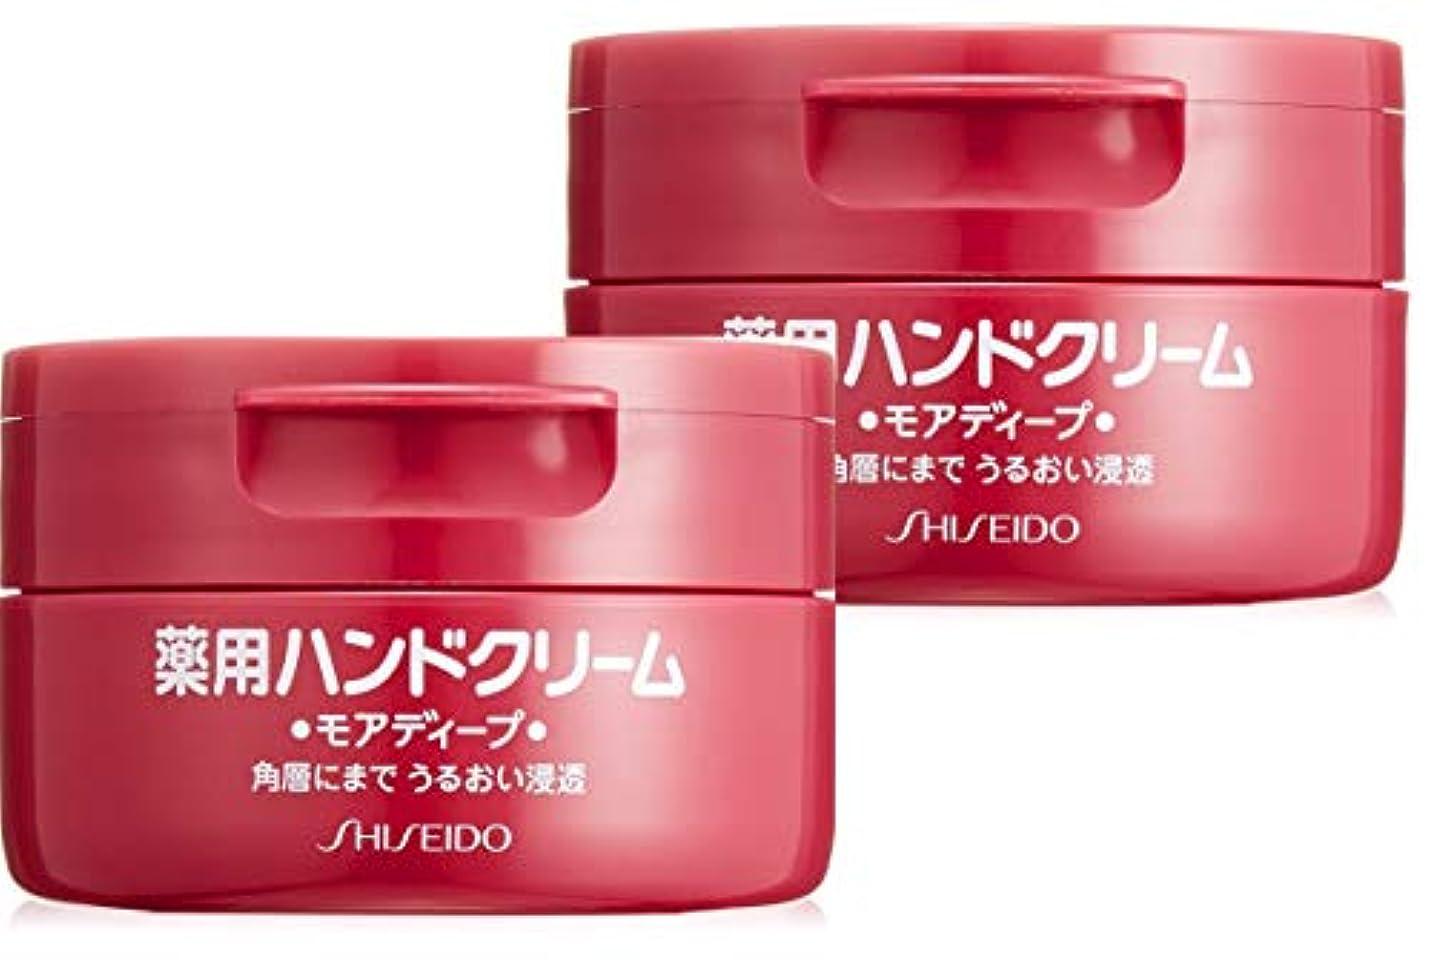 ジェットミニチュア有限資生堂 【まとめ買い】薬用ハンドクリーム モアディープ 単品 2個